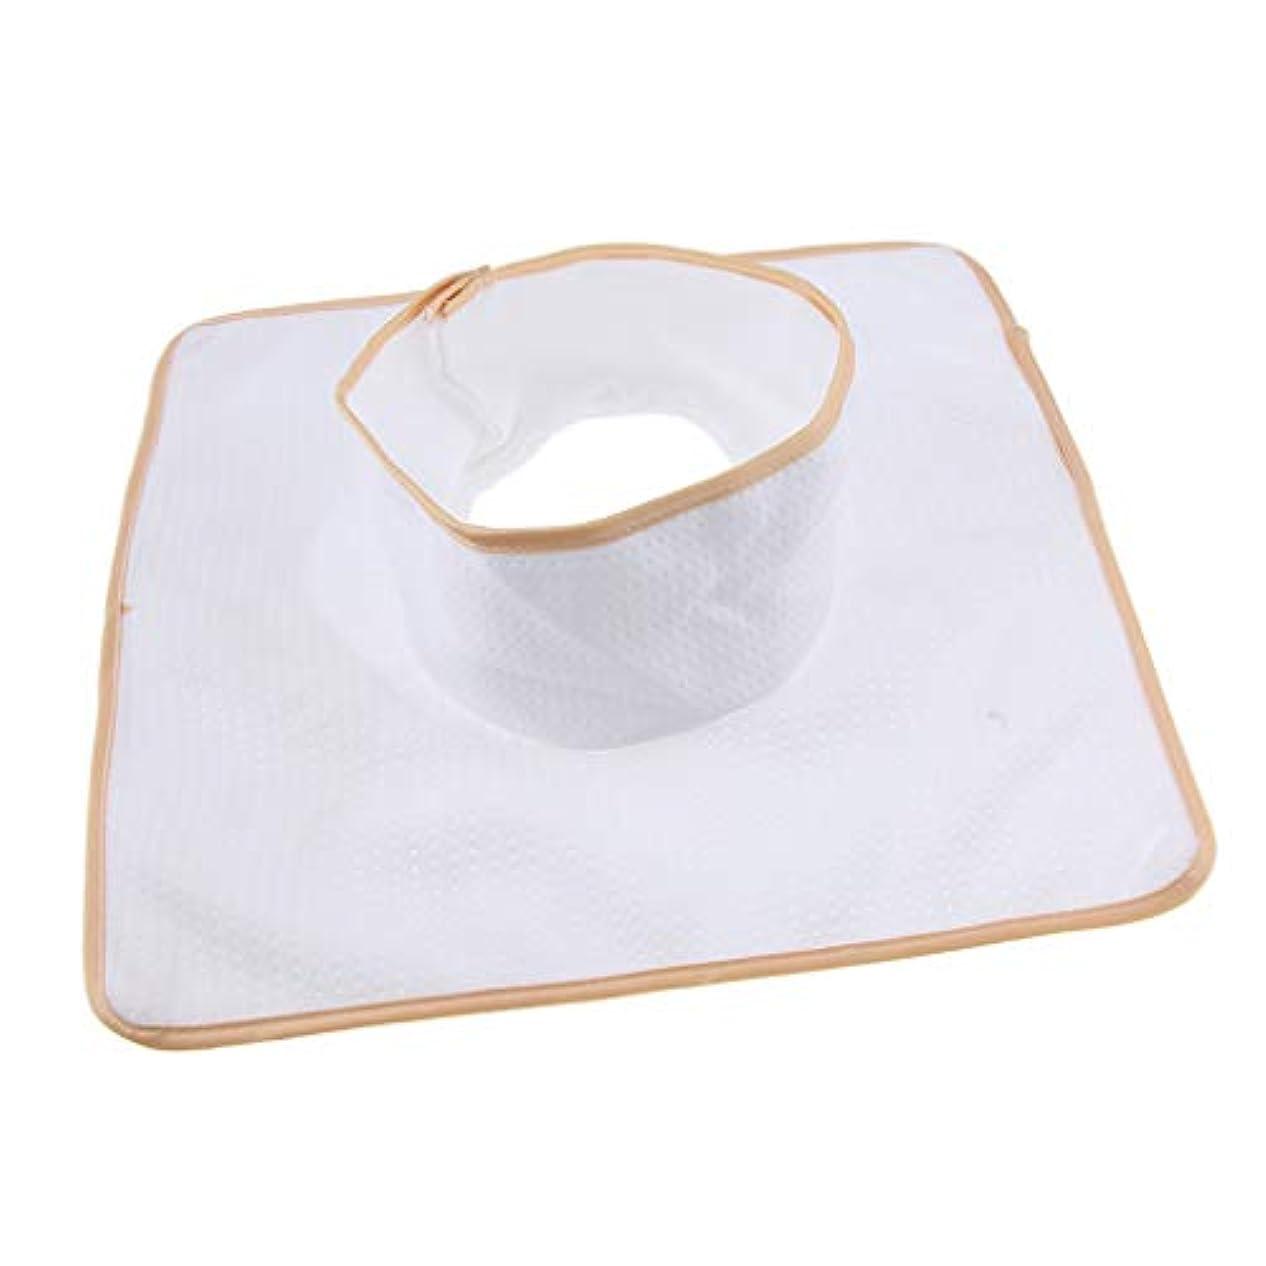 期待するねじれ固体D DOLITY マッサージ ベッド テーブル ヘッドパッド 頭の穴付 再使用可能 約35×35cm 全3色 - 白